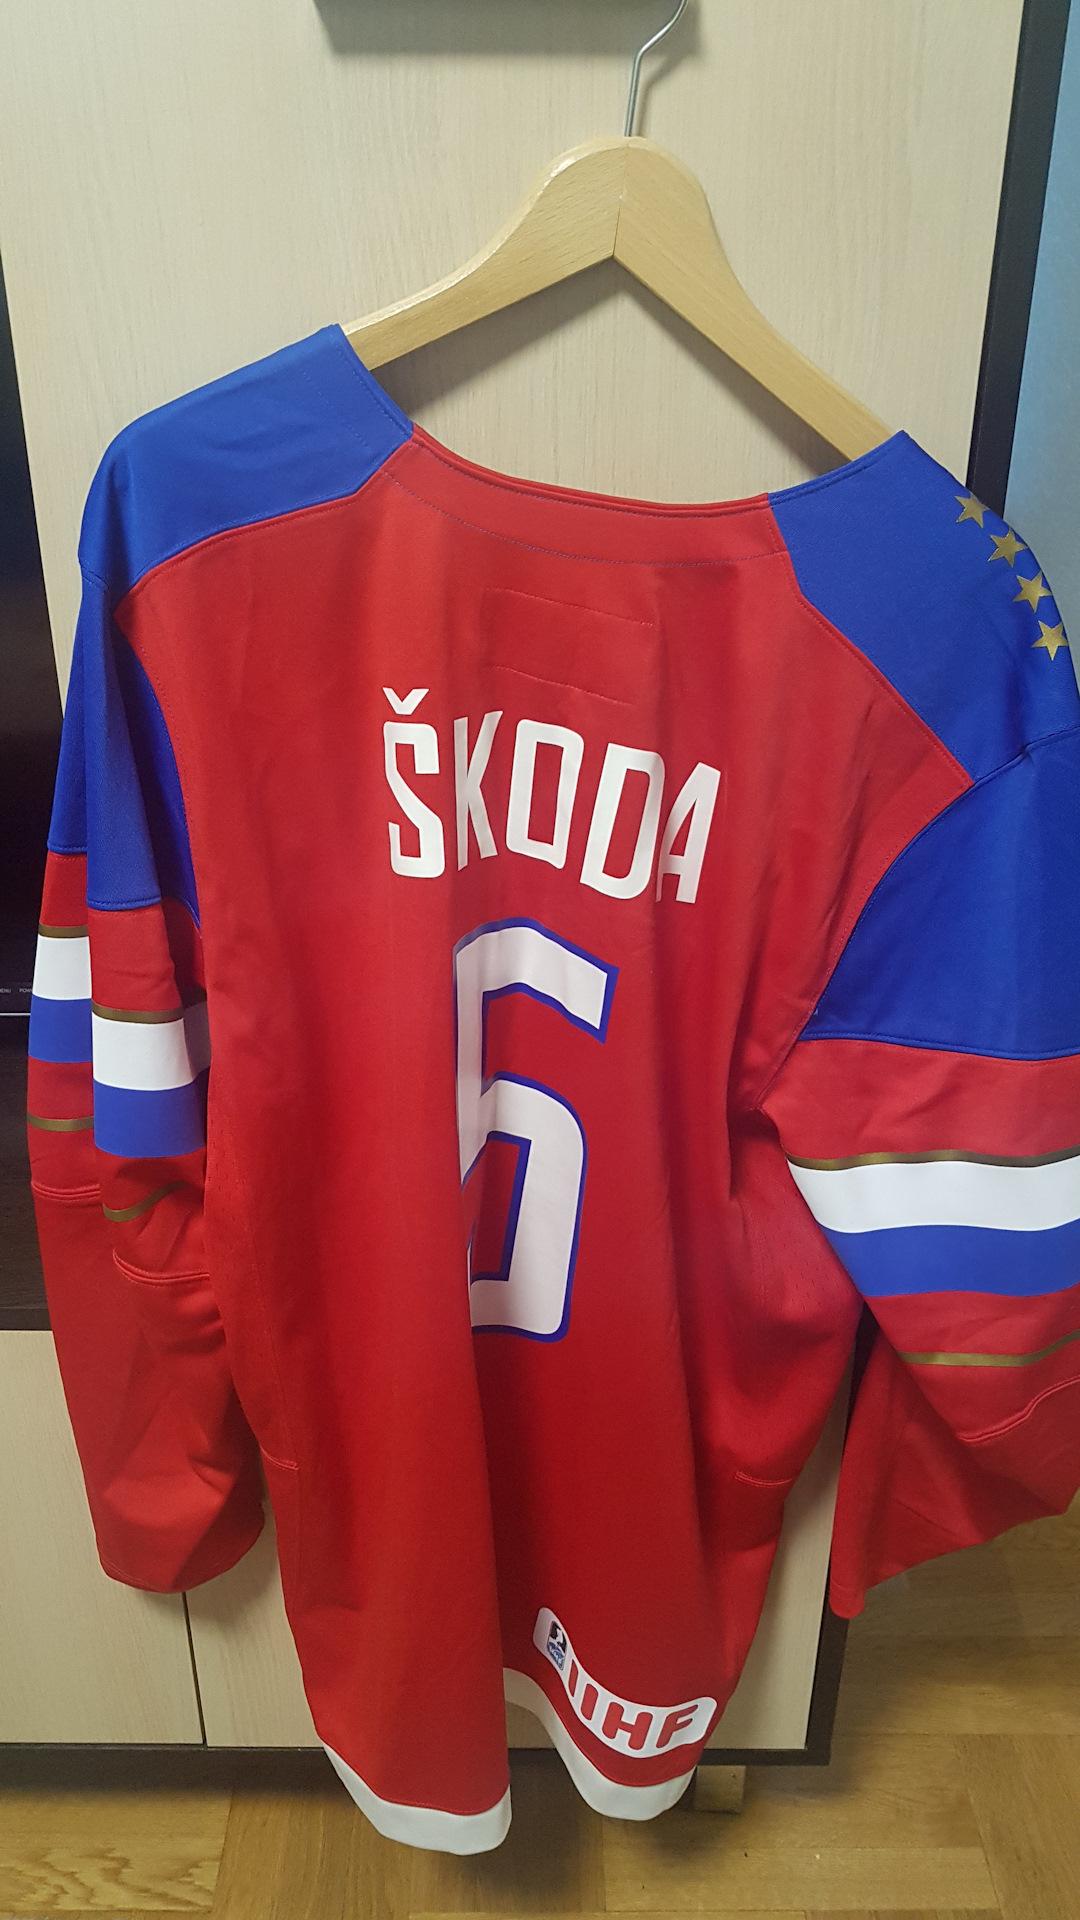 d3ded085 Временный пост. Хоккейный свитер Nike Skoda team — Skoda Octavia ...